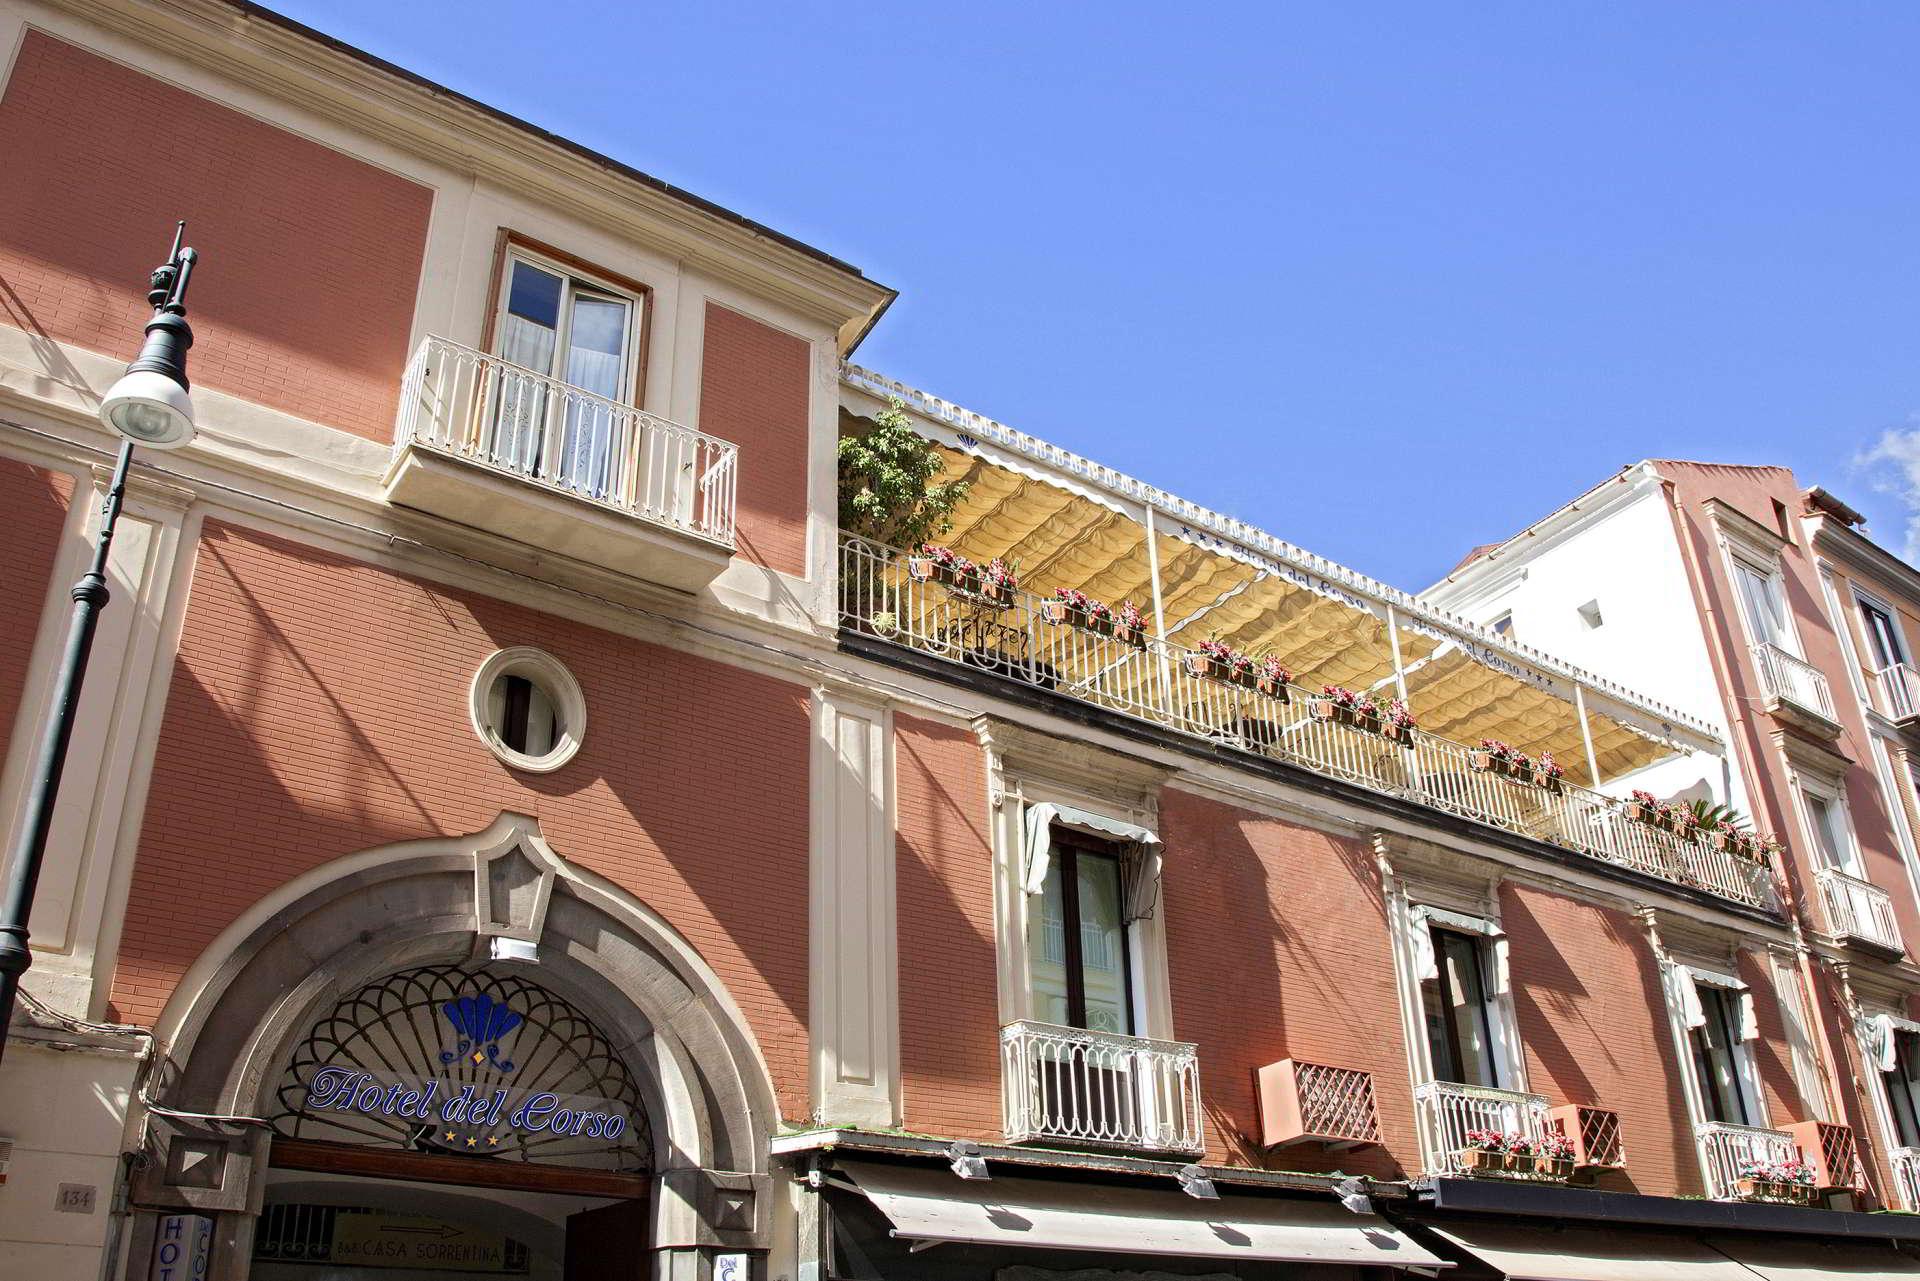 Hotel Sorrento centro - terrazza colazione Hotel delCorso